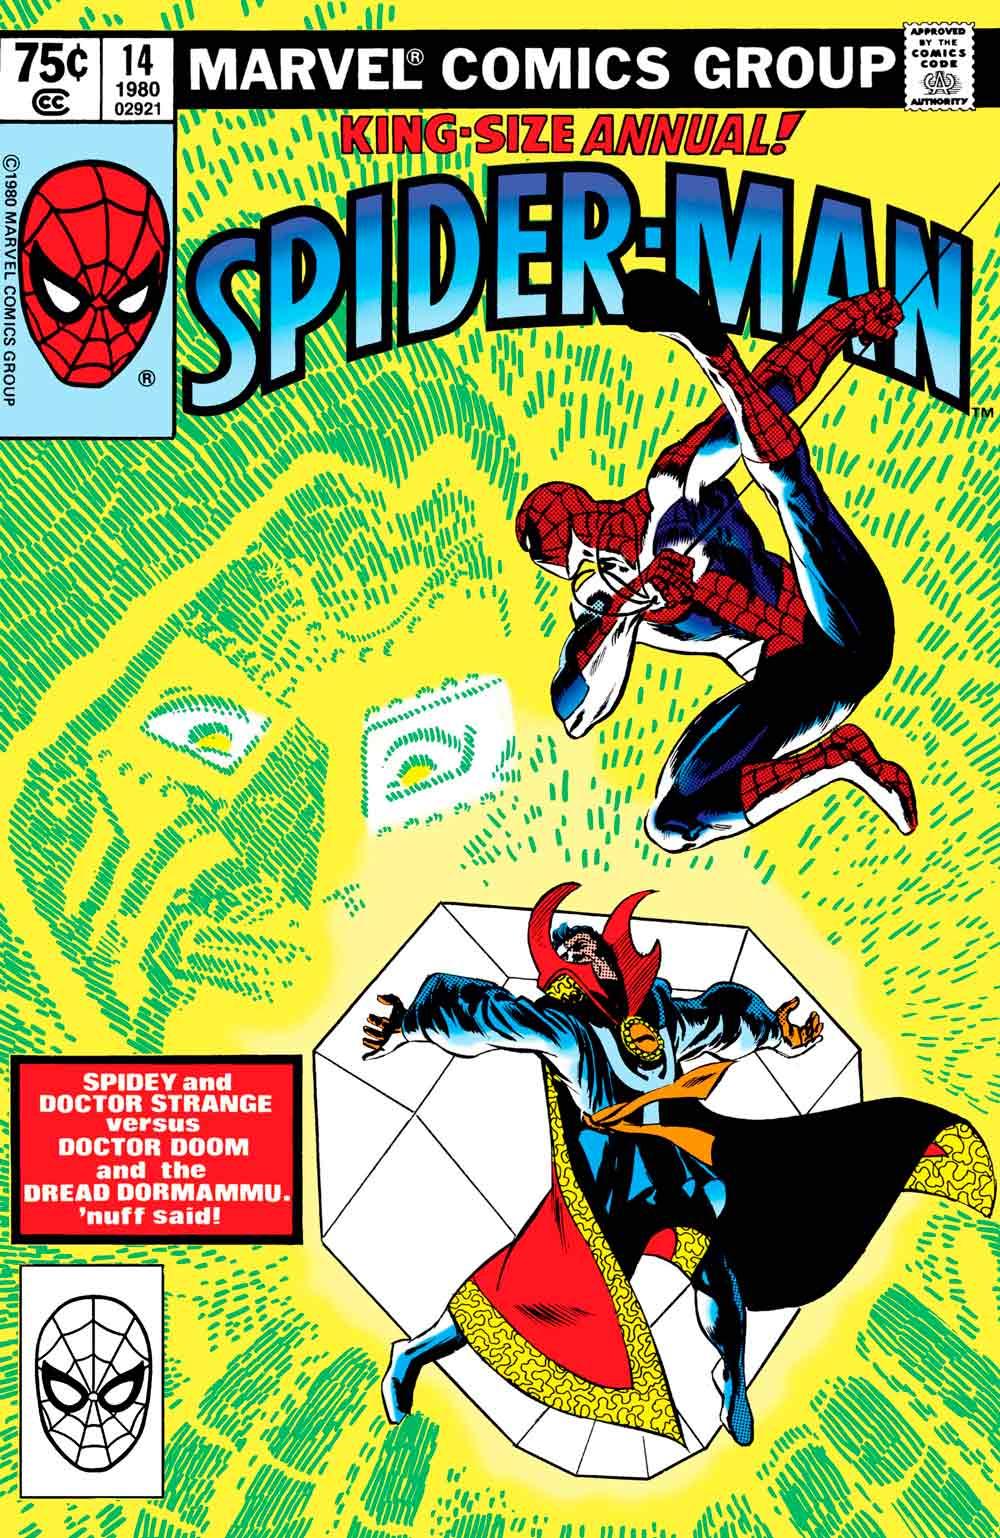 Annual 14 spider-man